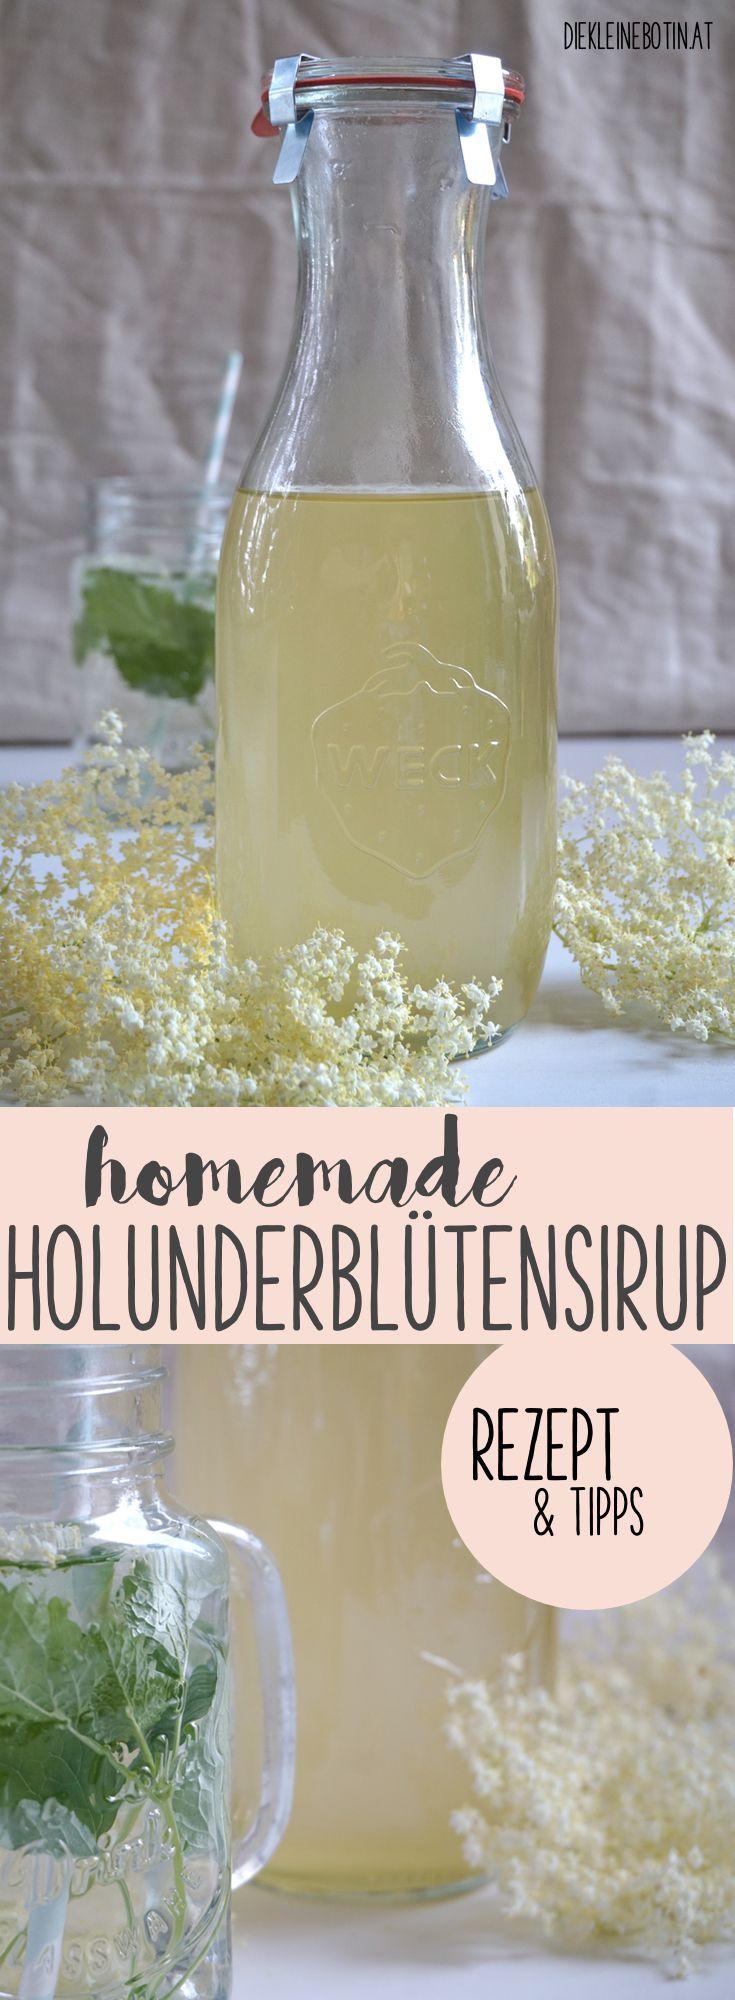 einfacher, selbstgemachter Sirup aus Holunderblüten! Sommerlich erfrischend als Getränk oder als Basis für Eis! Easy Rezept und Tipps zum Zubereiten. Perfekte Sommererfrischung für heisse Tage.